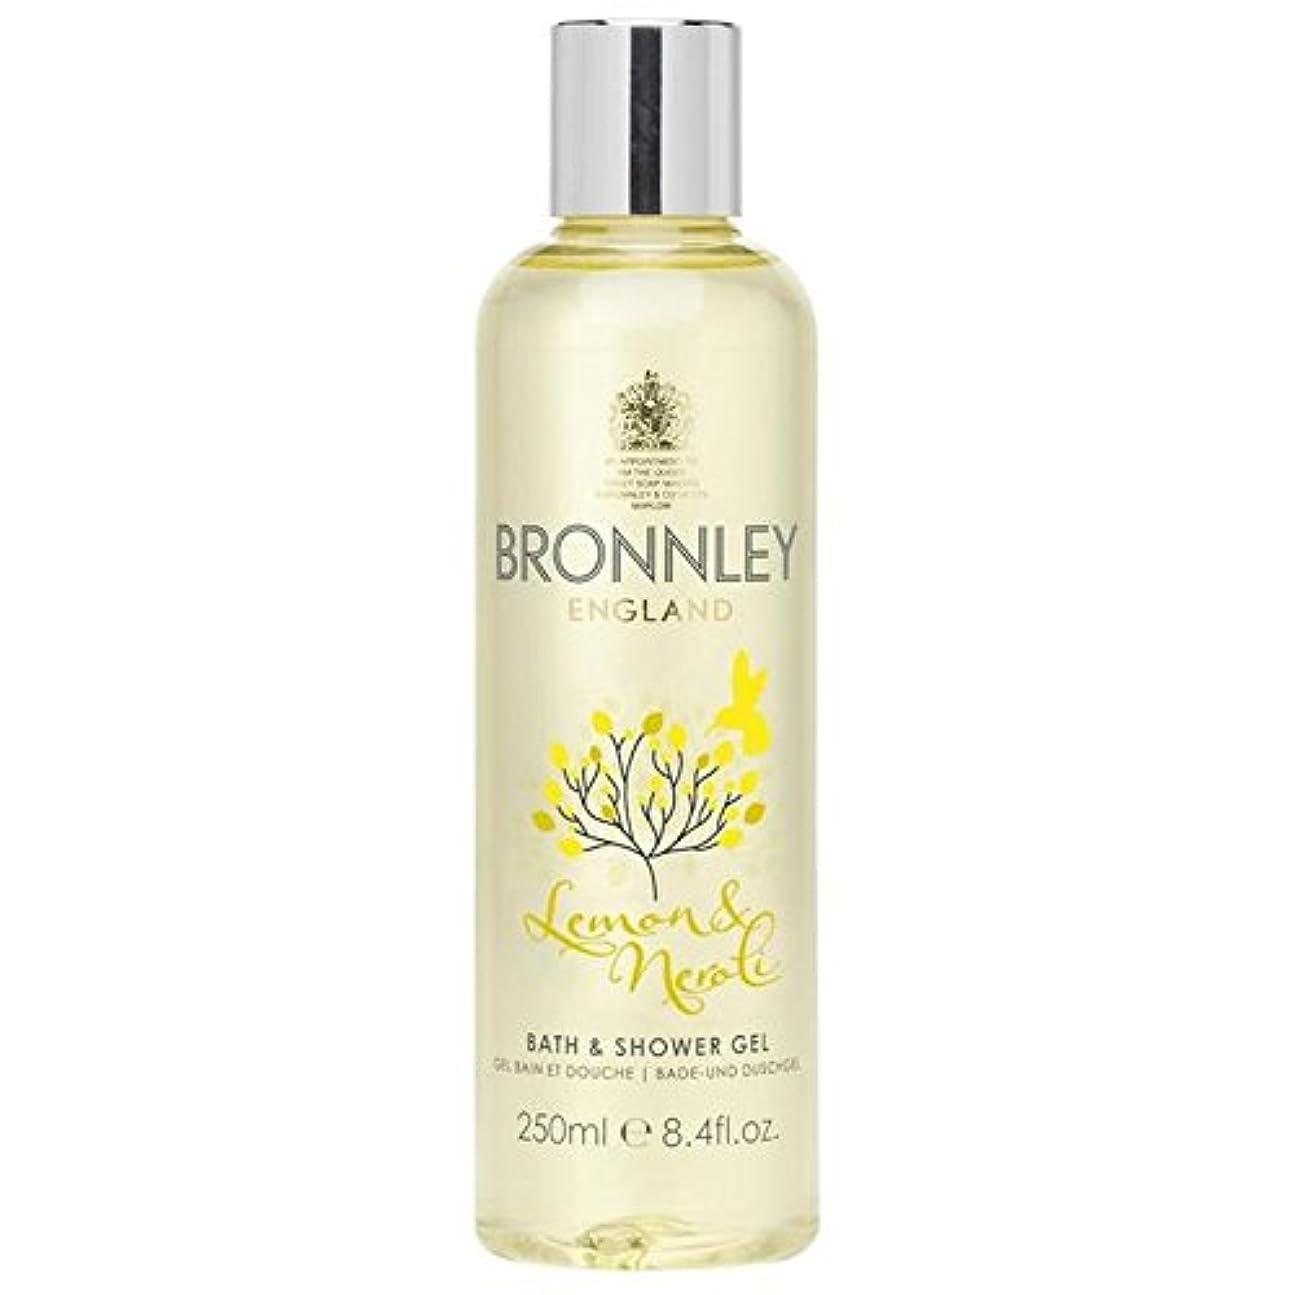 シェフ朝の体操をするシャンプーBronnley Lemon & Neroli Bath & Shower Gel 250ml (Pack of 6) - レモン&ネロリバス&シャワージェル250ミリリットル x6 [並行輸入品]